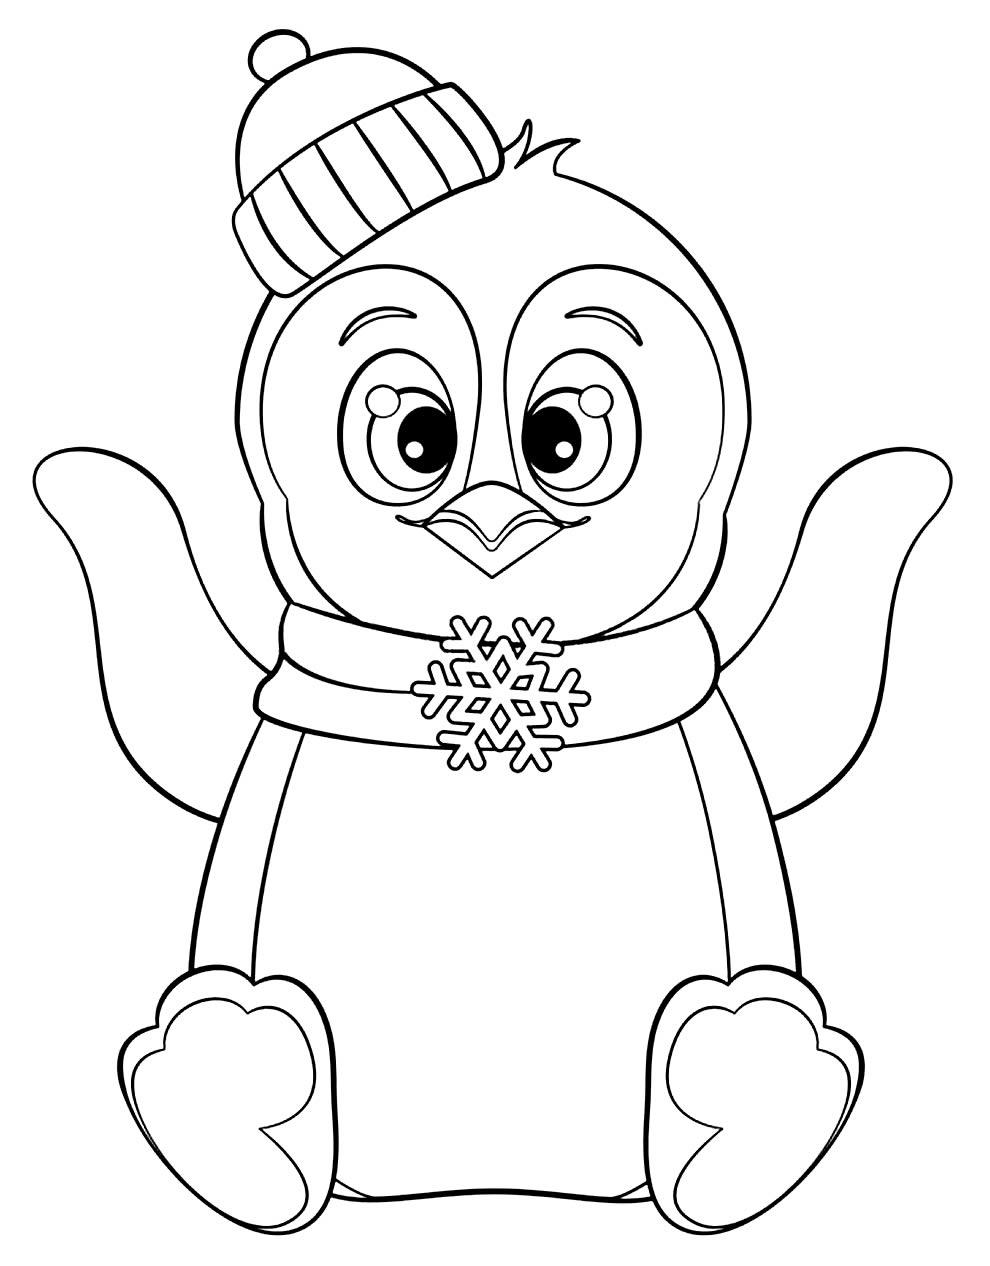 Imagem de Pinguim para pintar